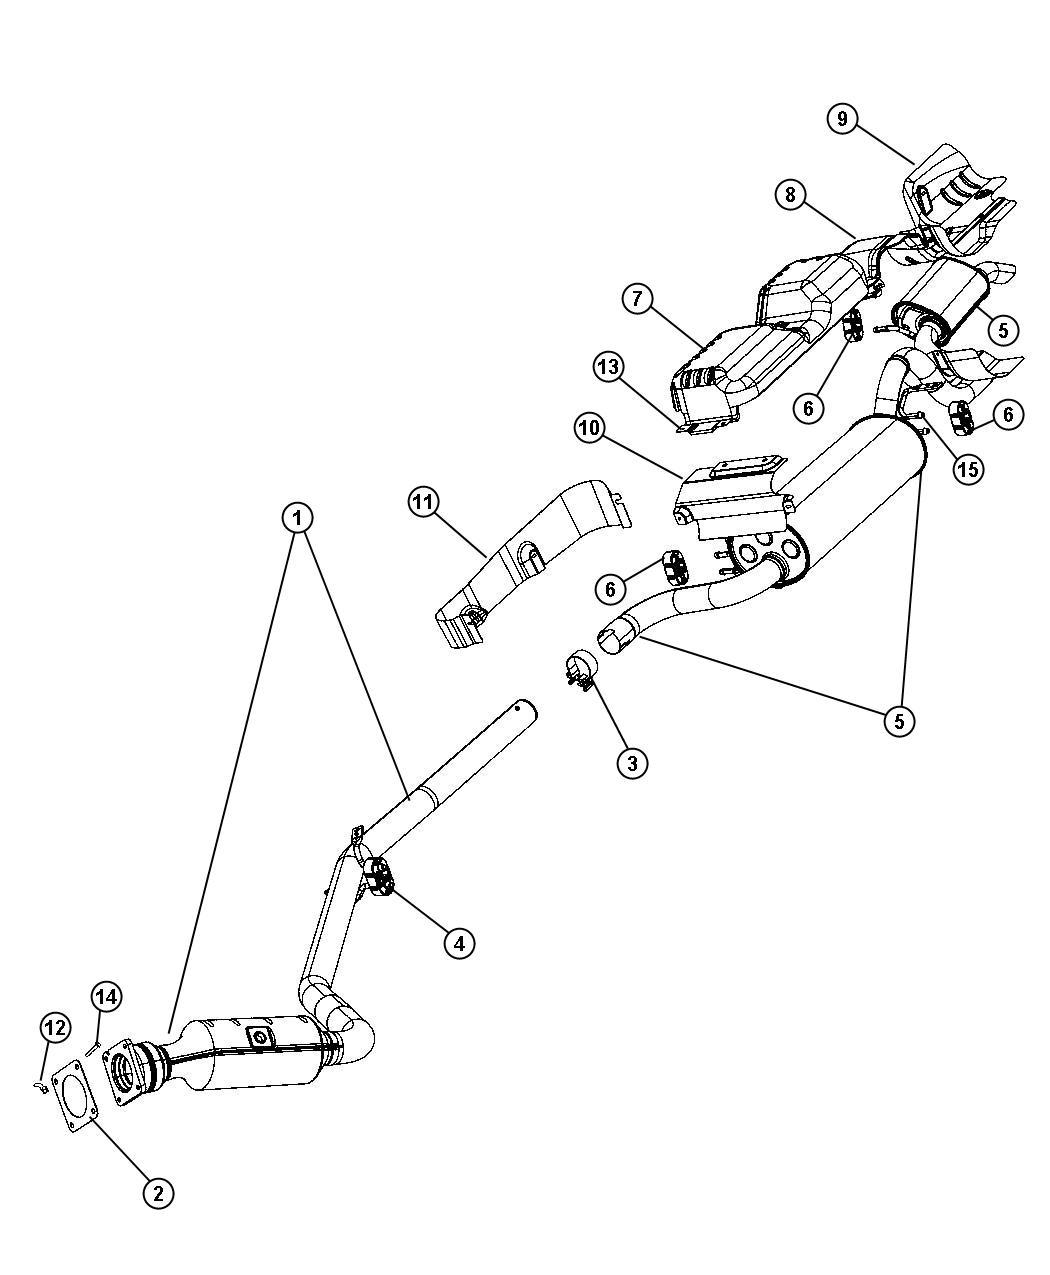 Diagram Chrysler Windsor Engine Diagram Full